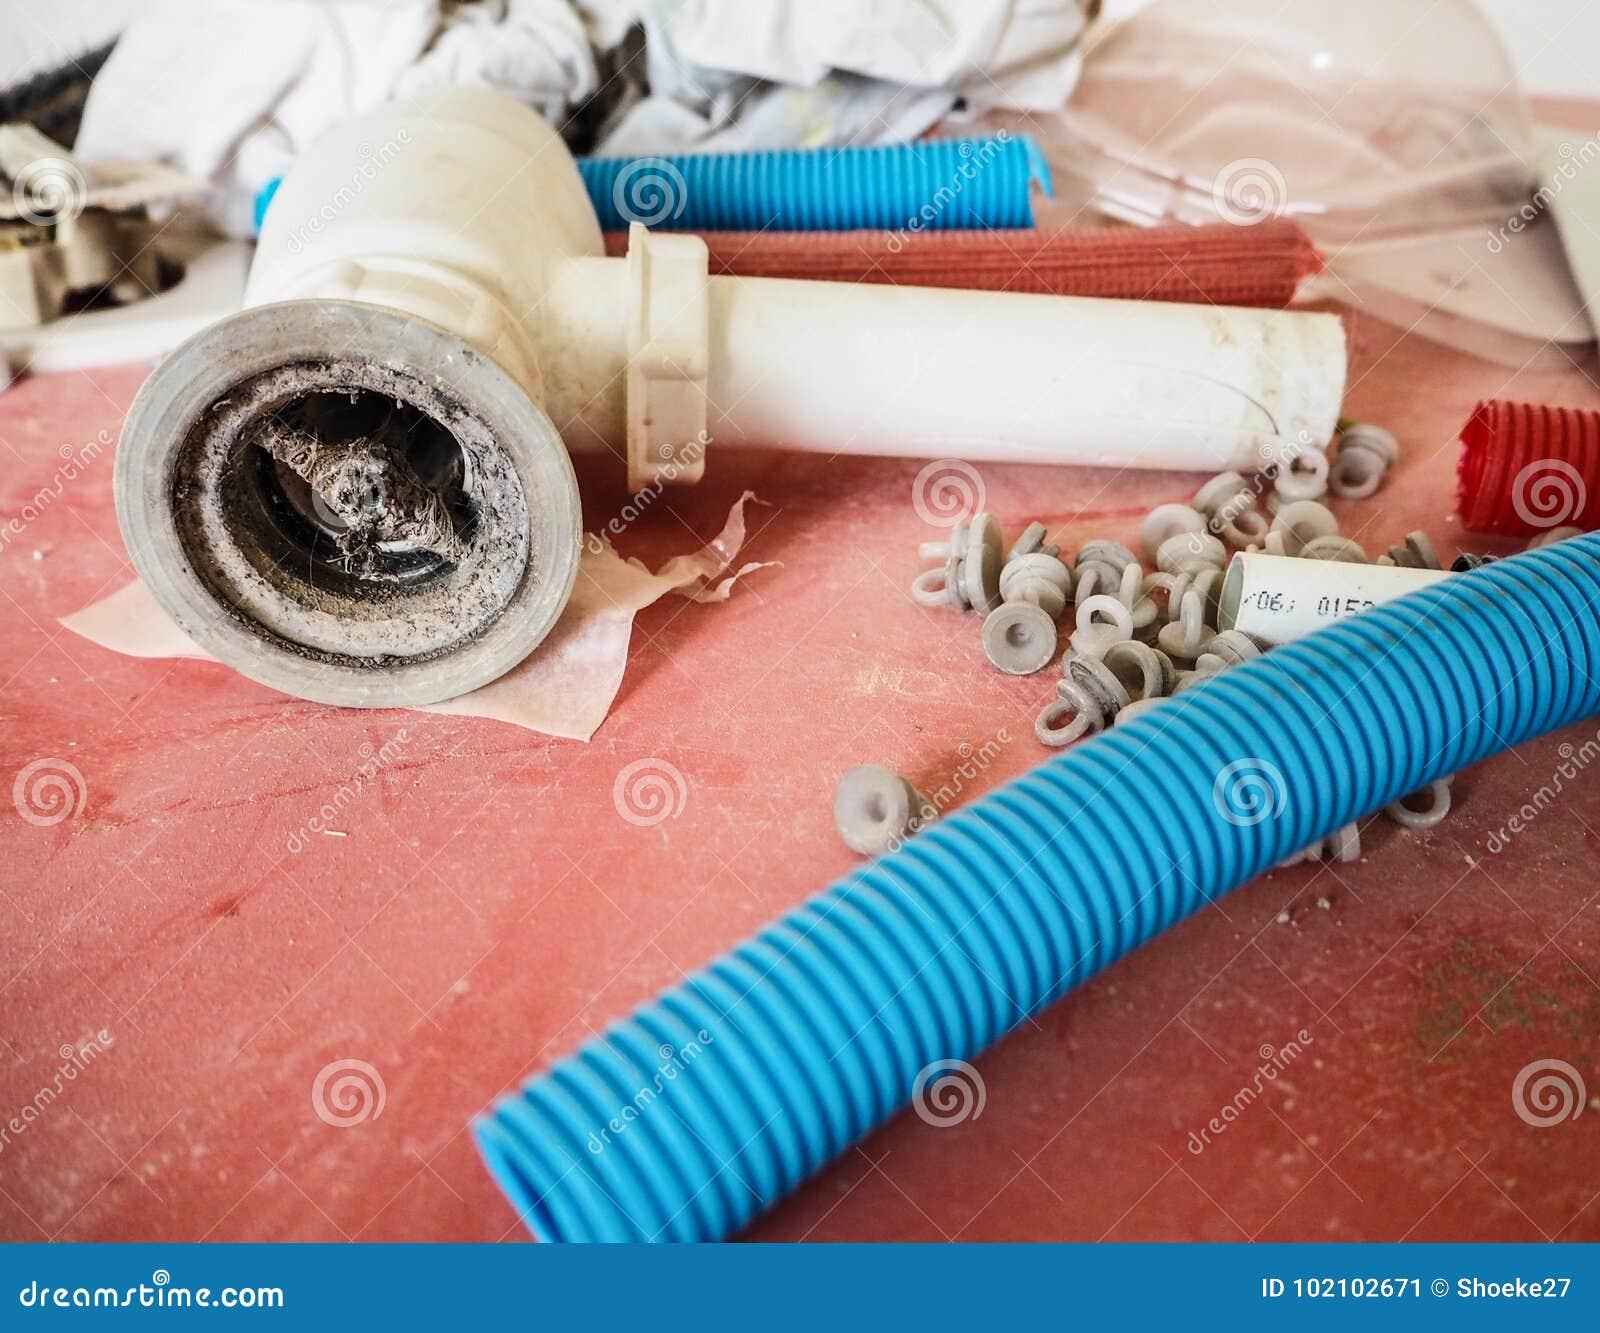 Tubes en plastique, prises et drain obstrué sur une table rouge